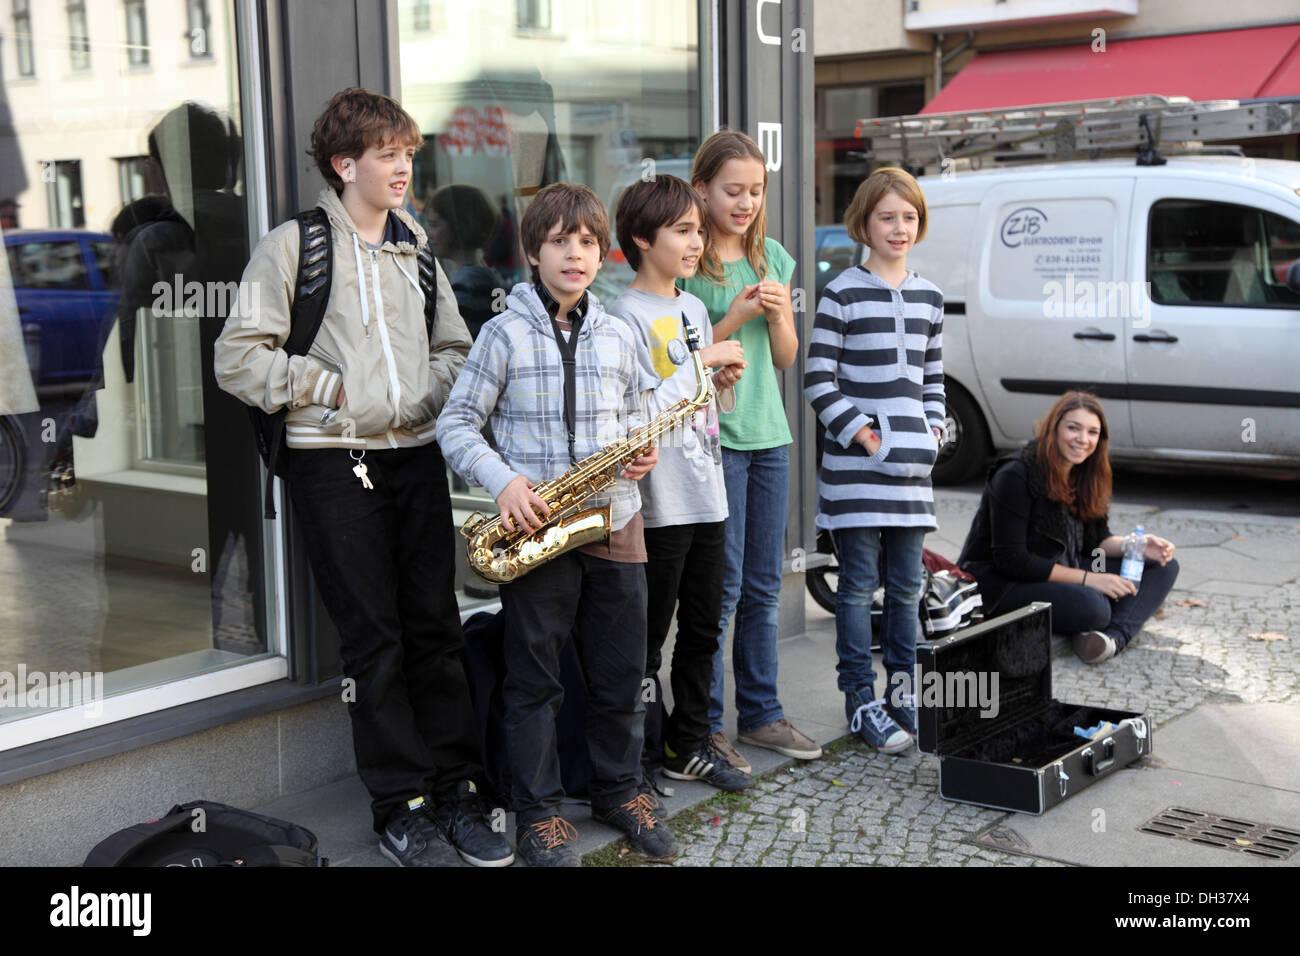 Child buskers in Hackescher Berlin - Stock Image